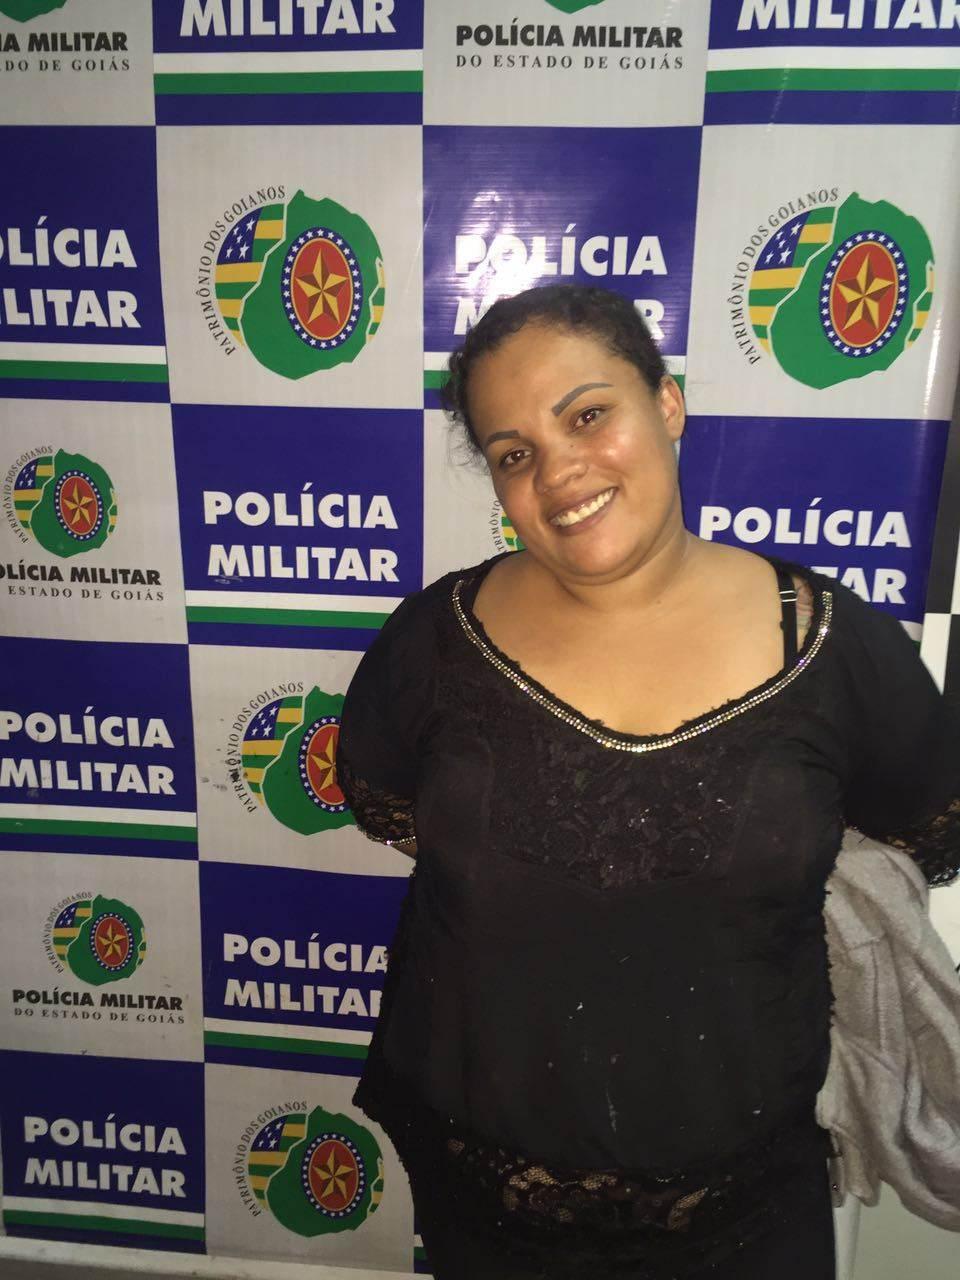 Ludilane posa para foto sorrindo ao se apresentar a PM